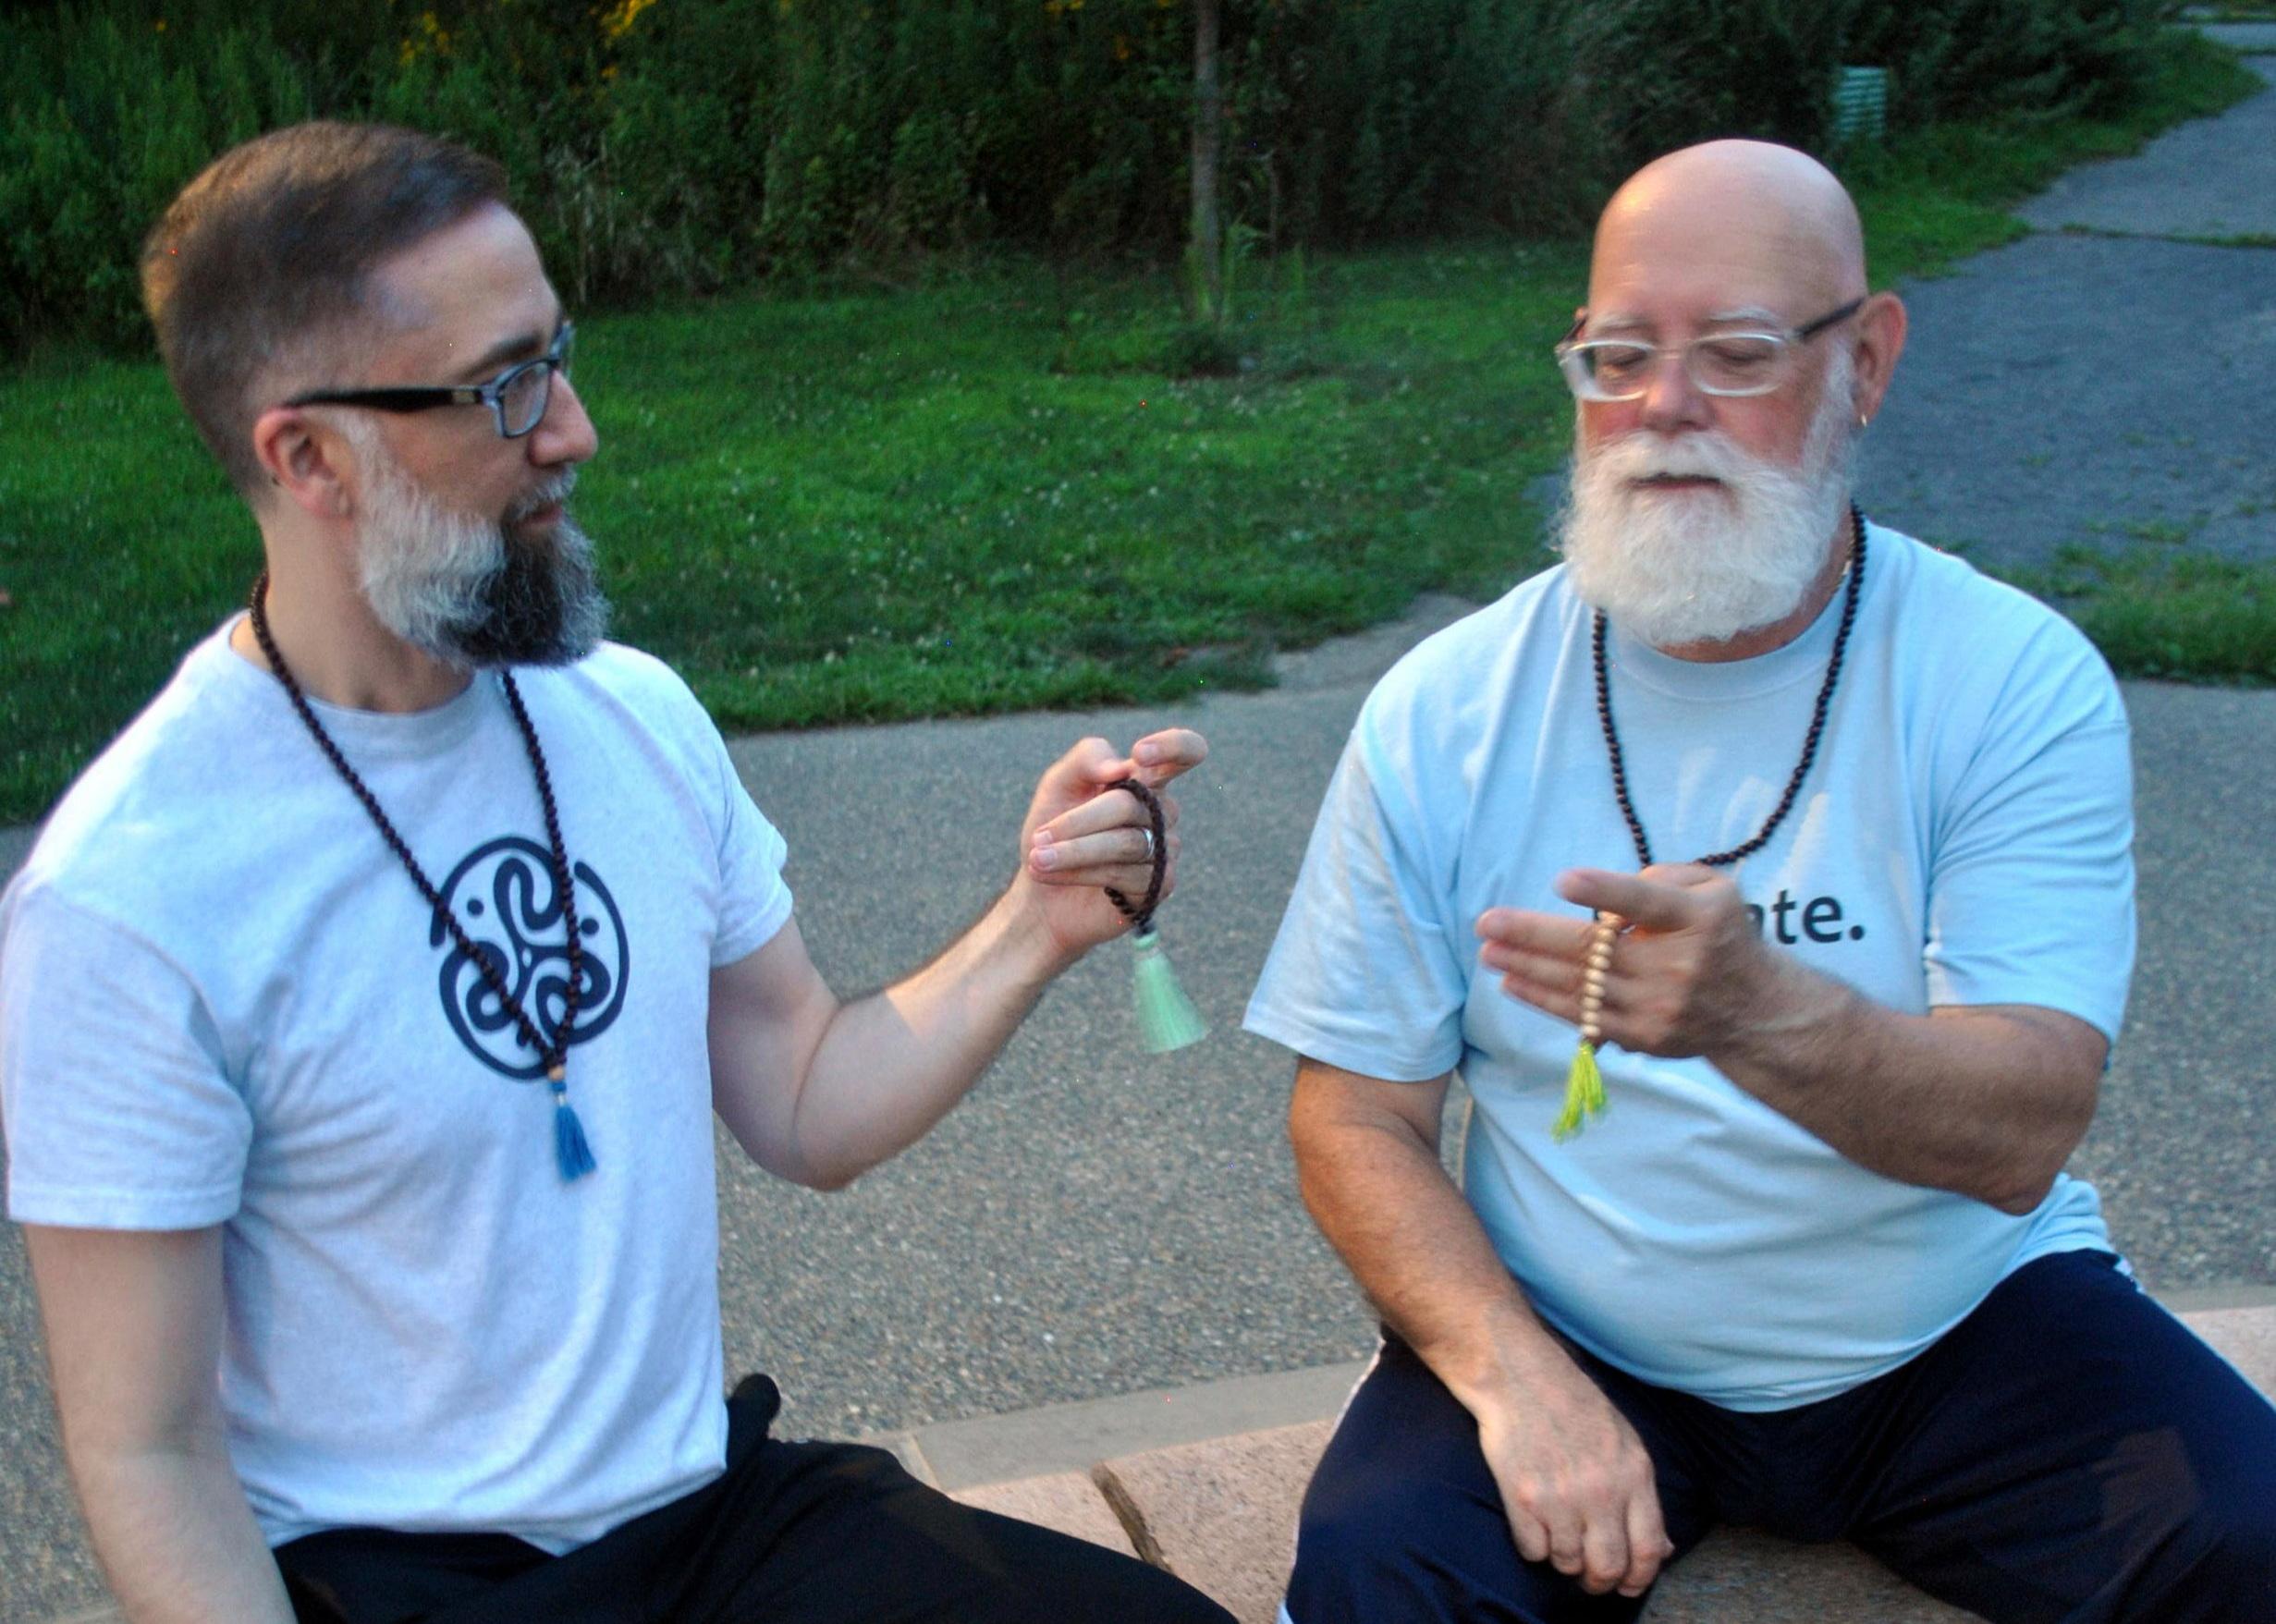 bearded-men-using-malas-in-park-DSC_0018+crop.jpg